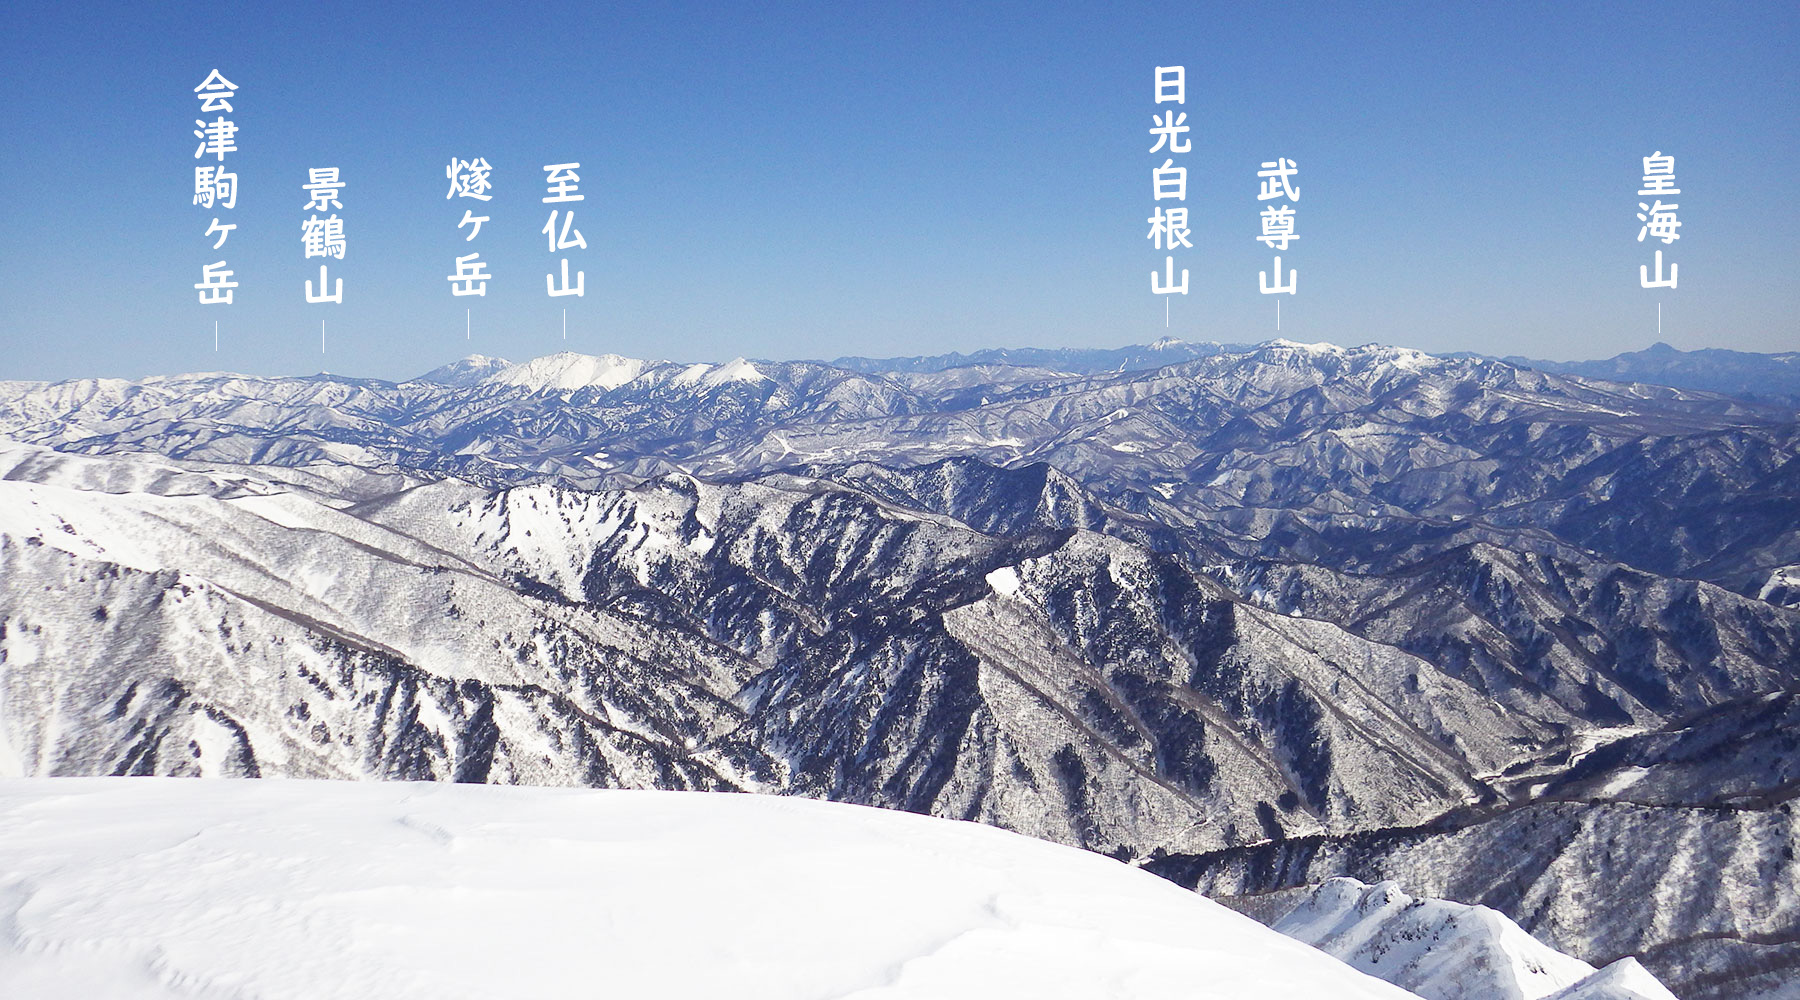 谷川岳・トマの耳から見た東側の尾瀬方面の山